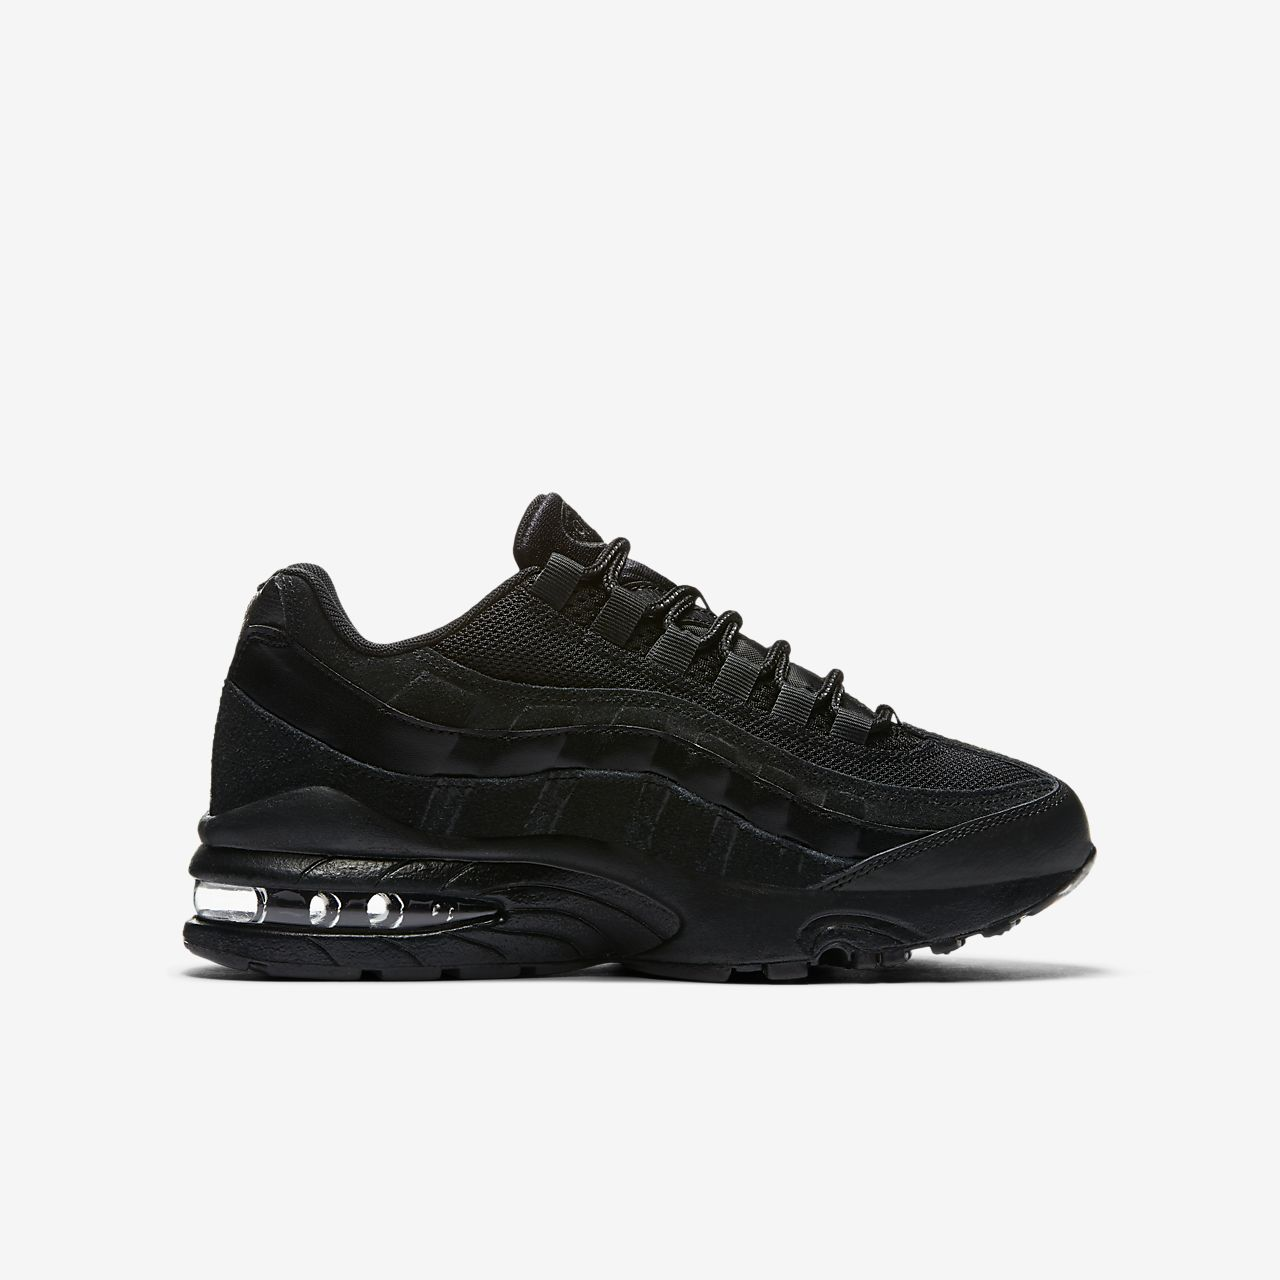 scarpe nike ragazzo air max 95